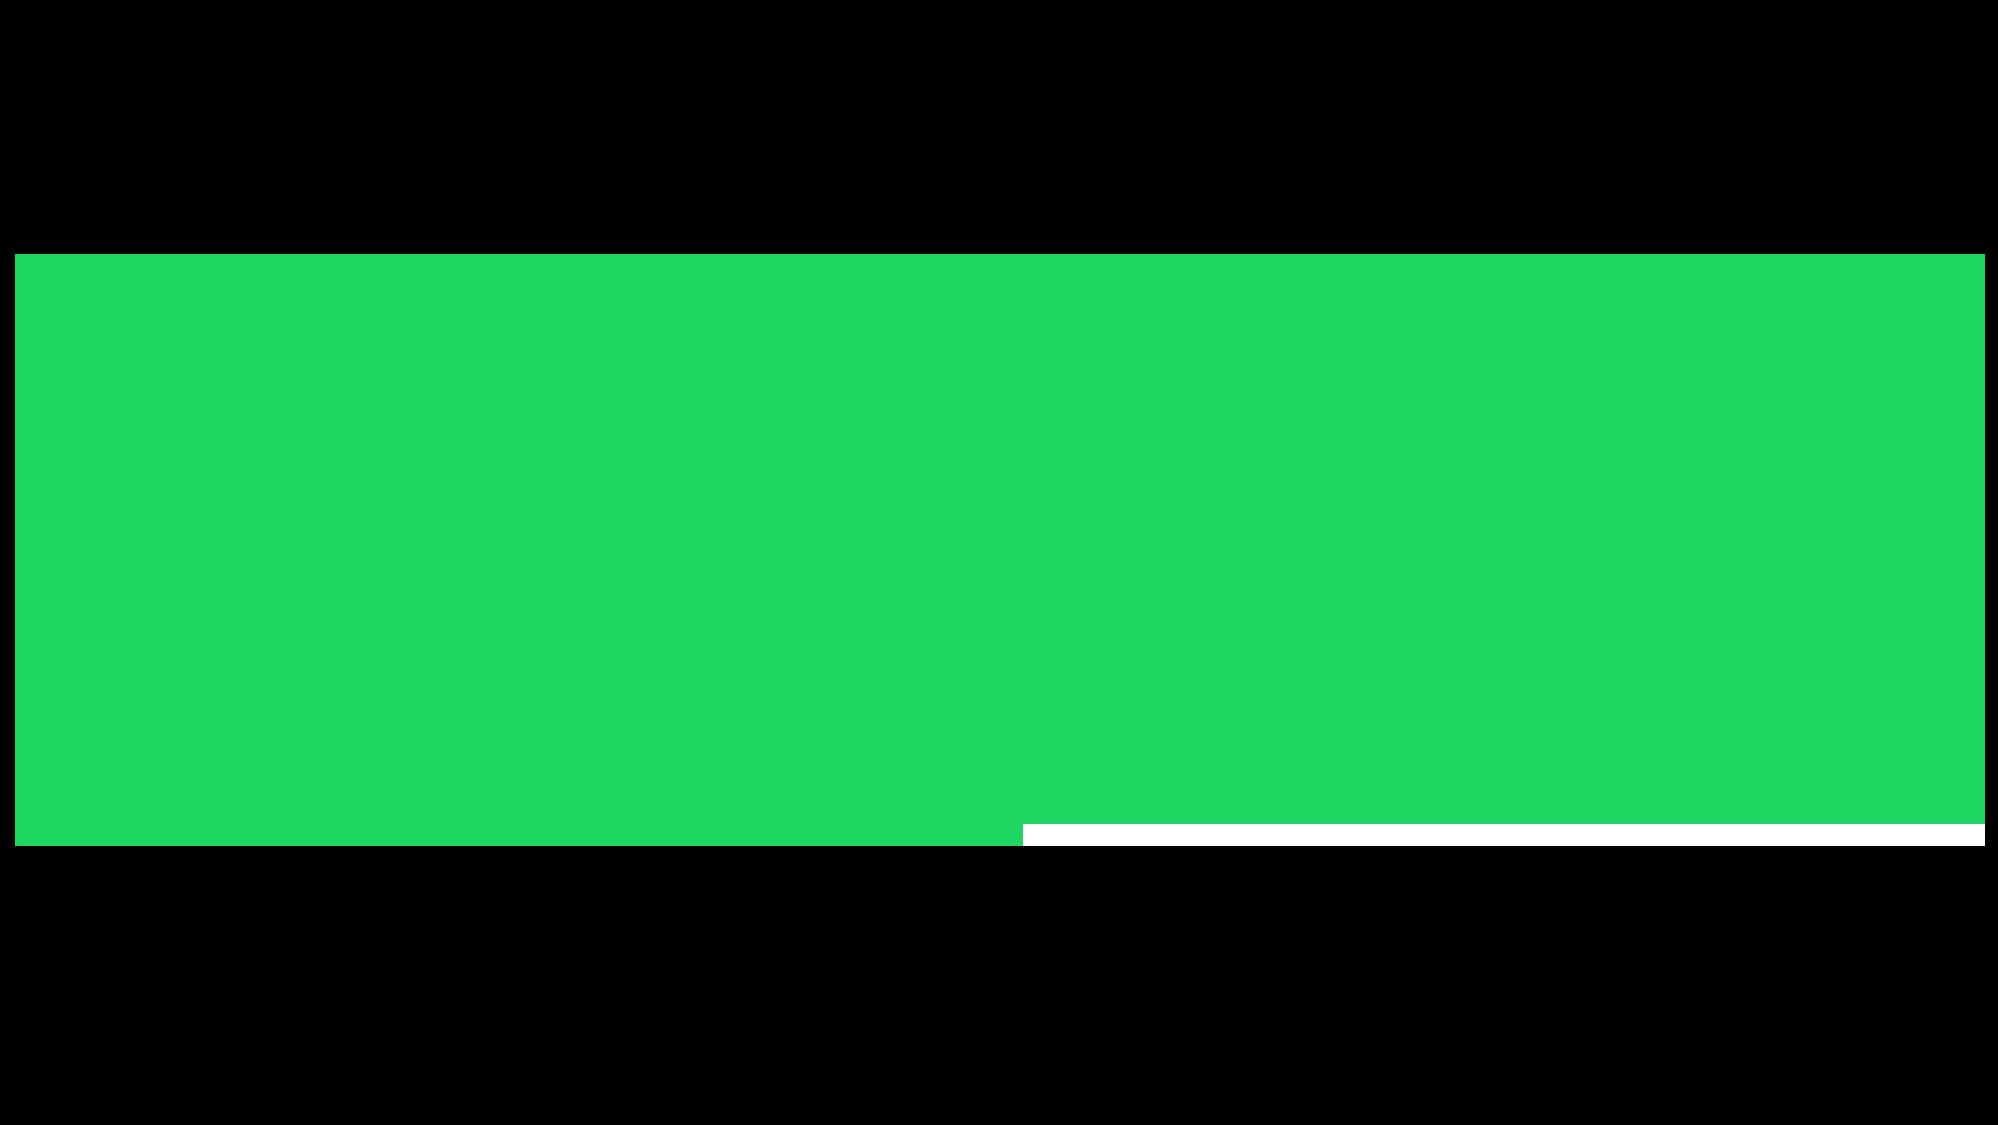 Spotify quer restringir uso do plano familiar ao verificar localização das pessoas - Gizmodo Brasil